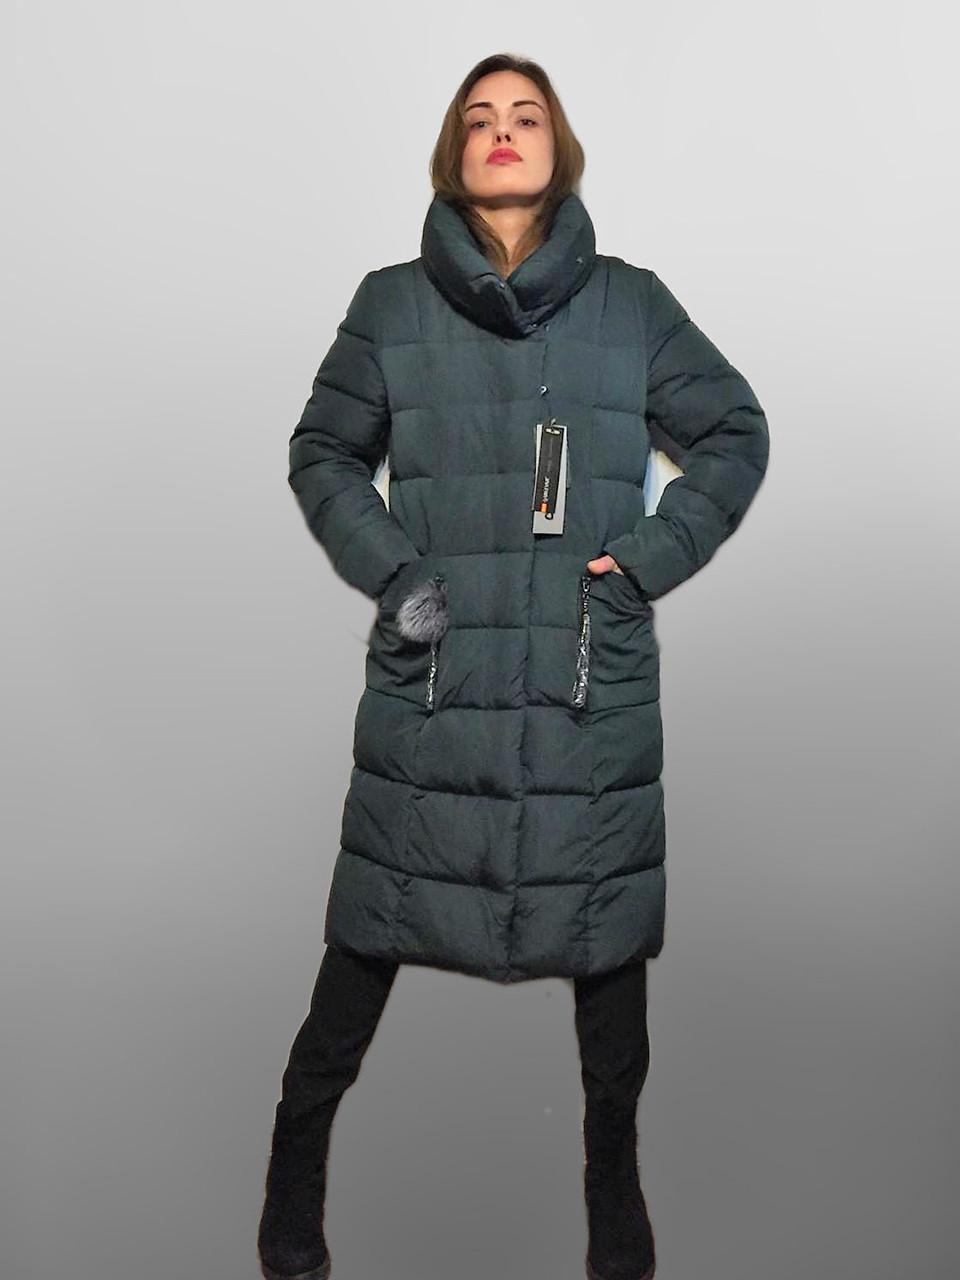 579b49ab63f фабричное пальто пуховик с капюшоном Qarlevar размеры 50 58 цена 1